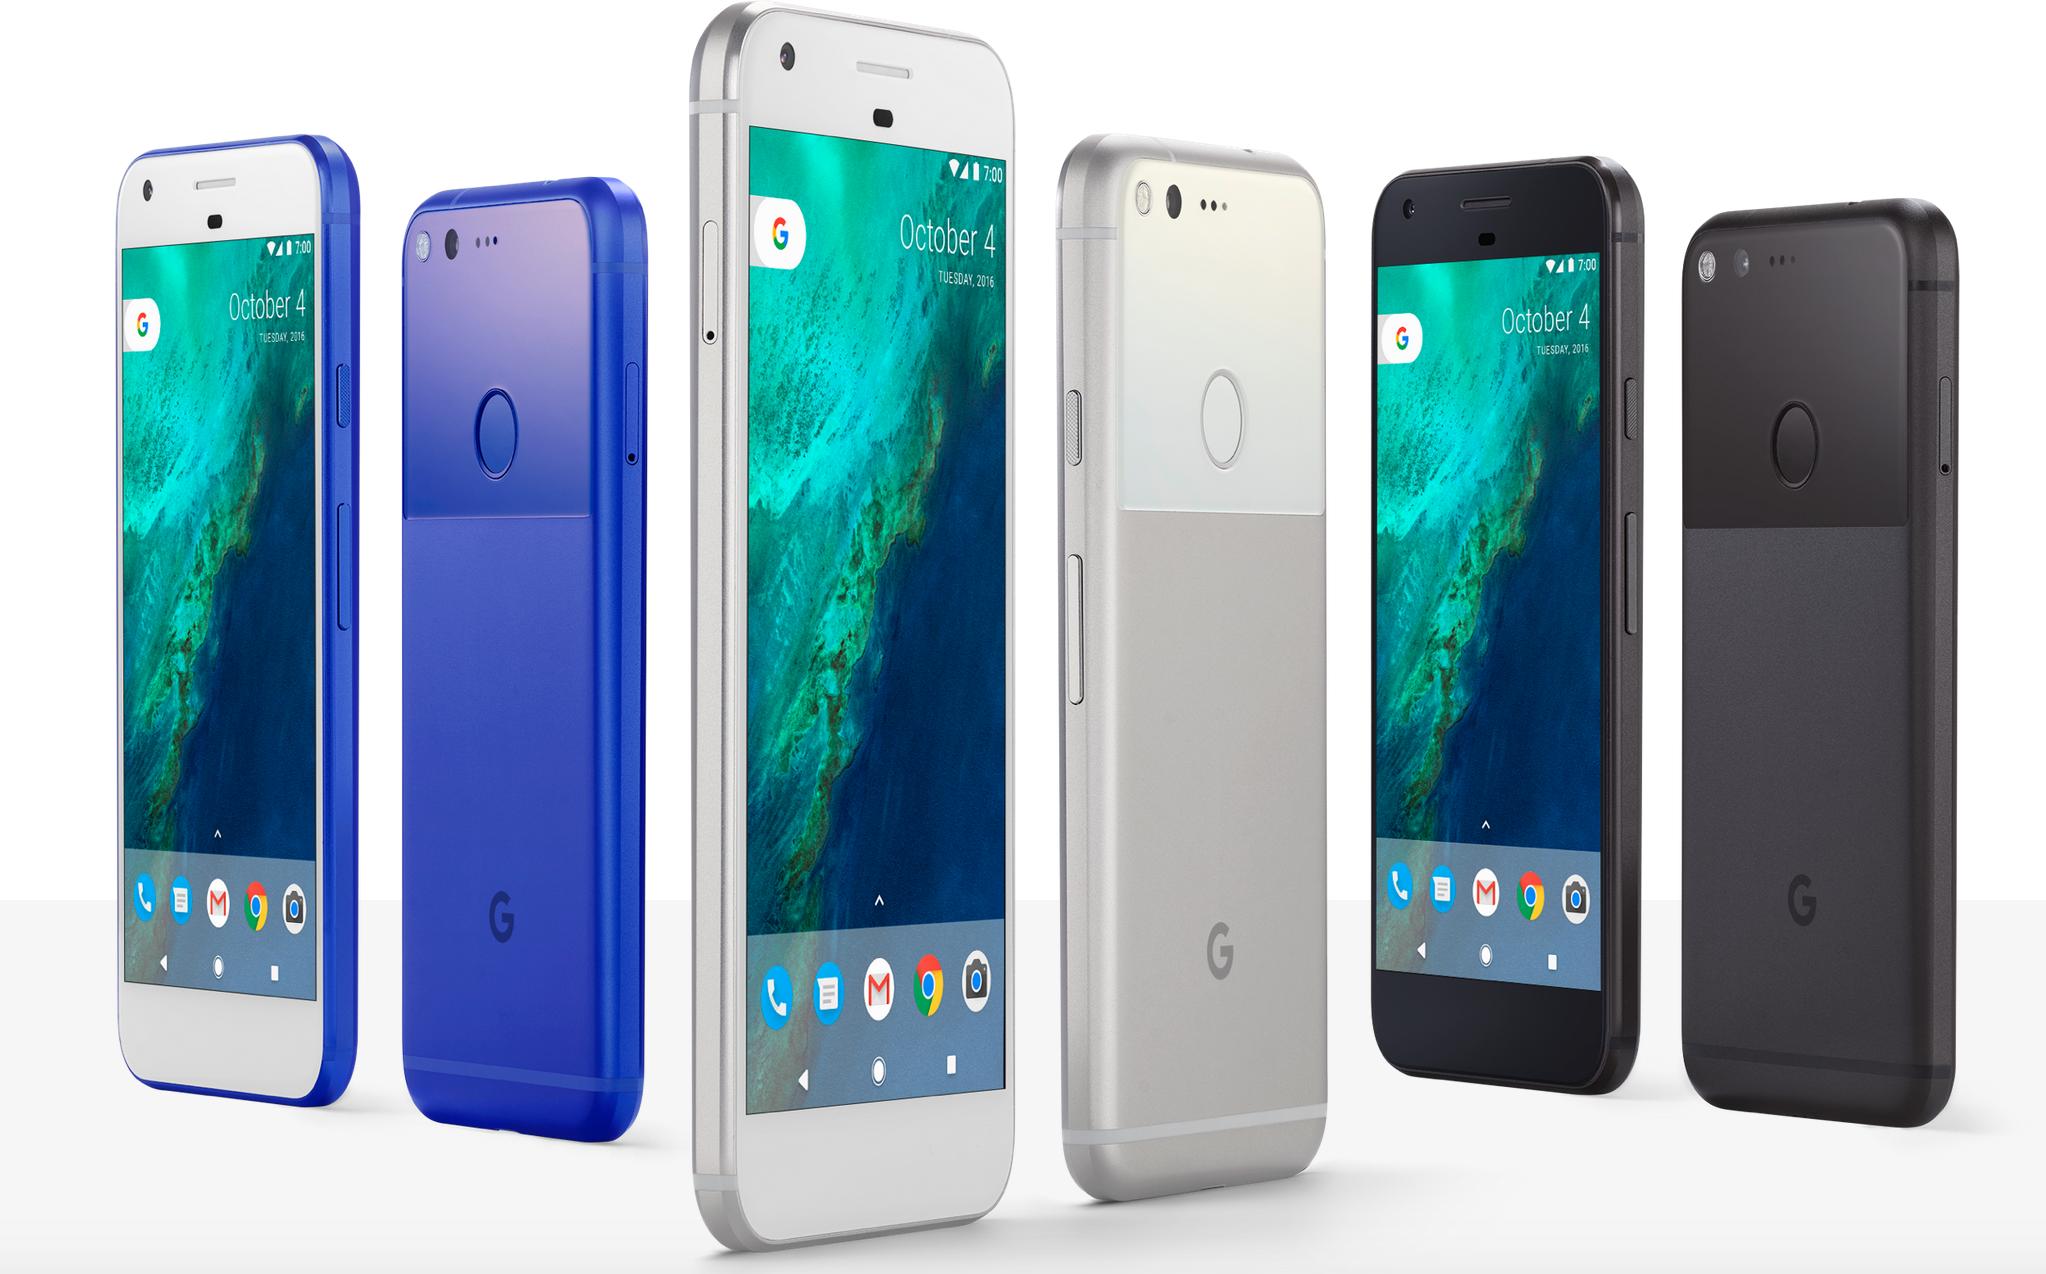 Googles mobil värd att vänta på